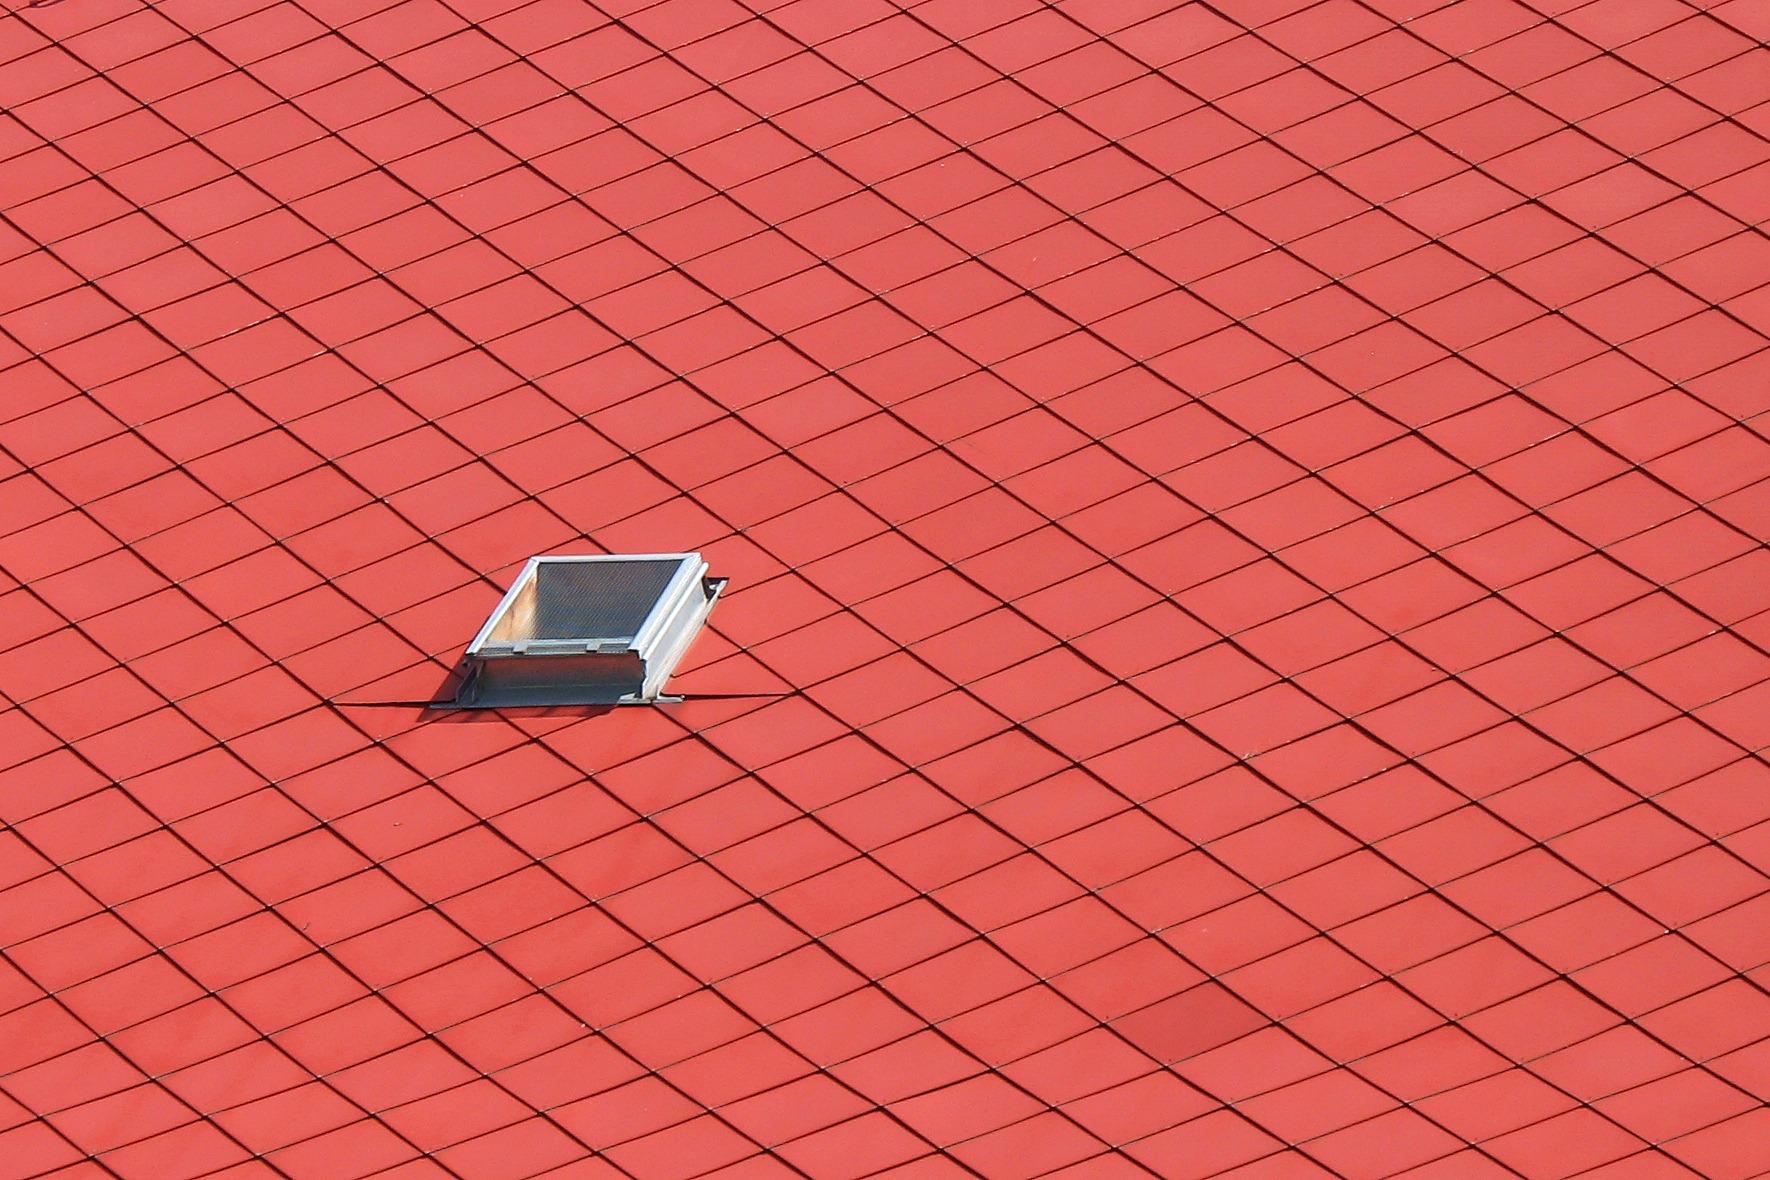 무료 이미지 구조 조직 바닥 지붕 옥상 건물 집 무늬 선 빨간 타일 외부 담홍색